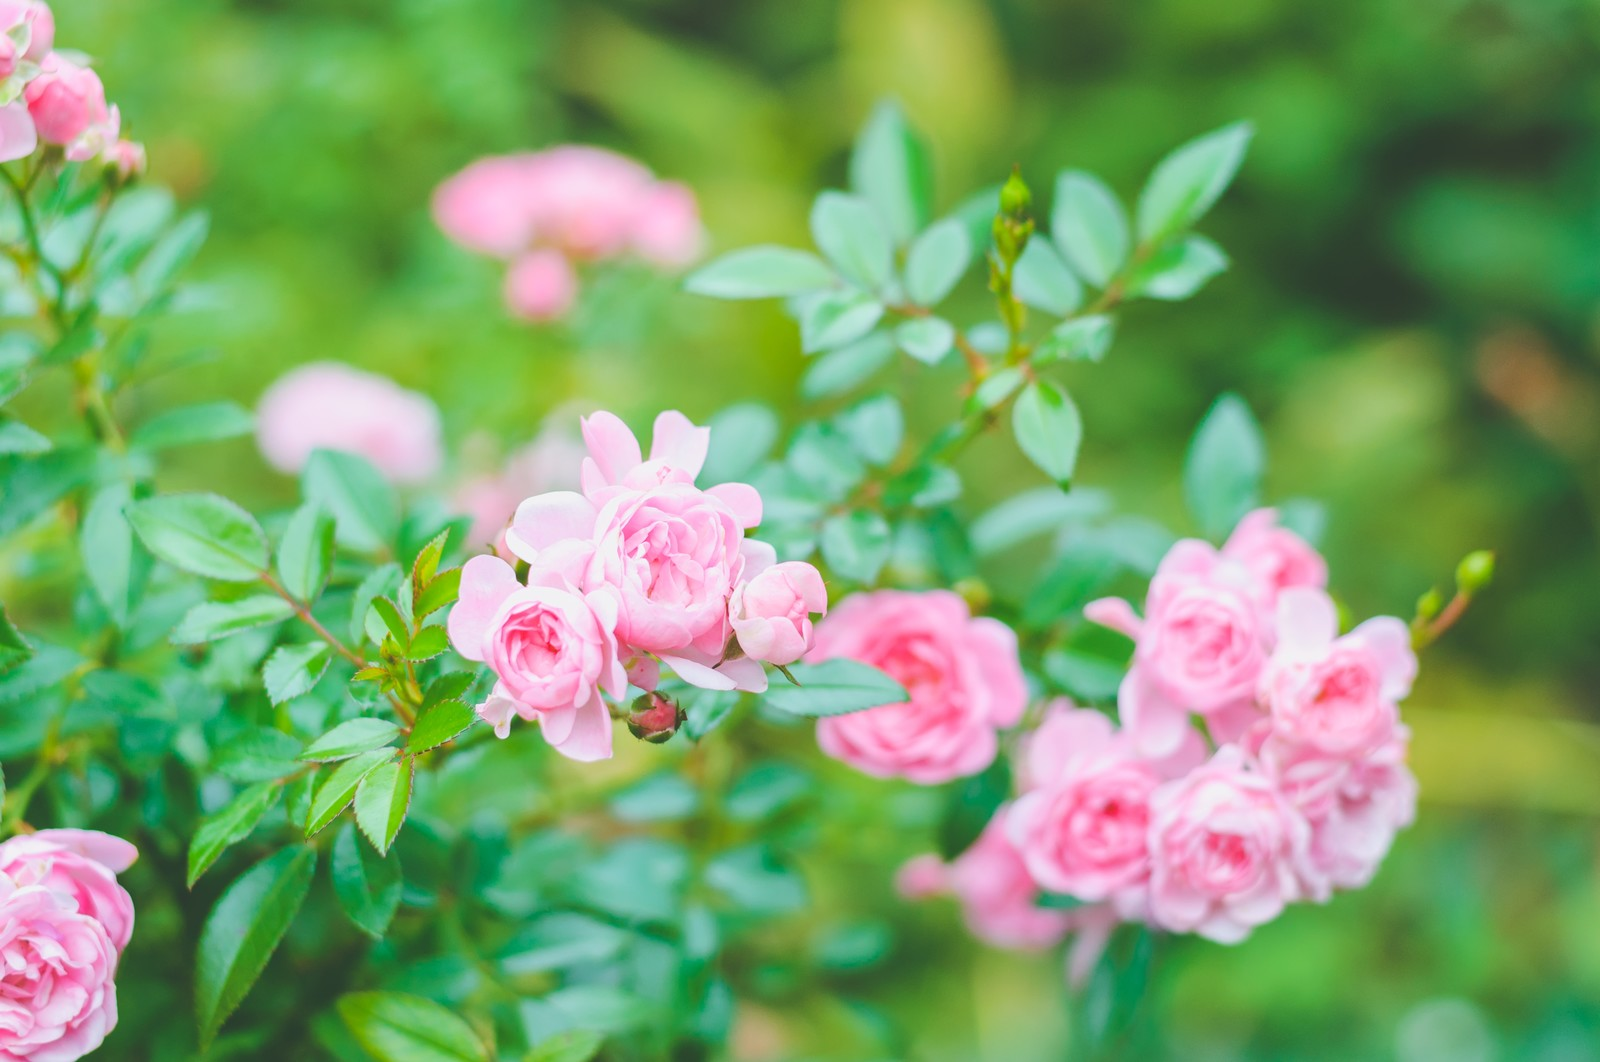 「鮮やかに咲くピンクのミニバラ」の写真